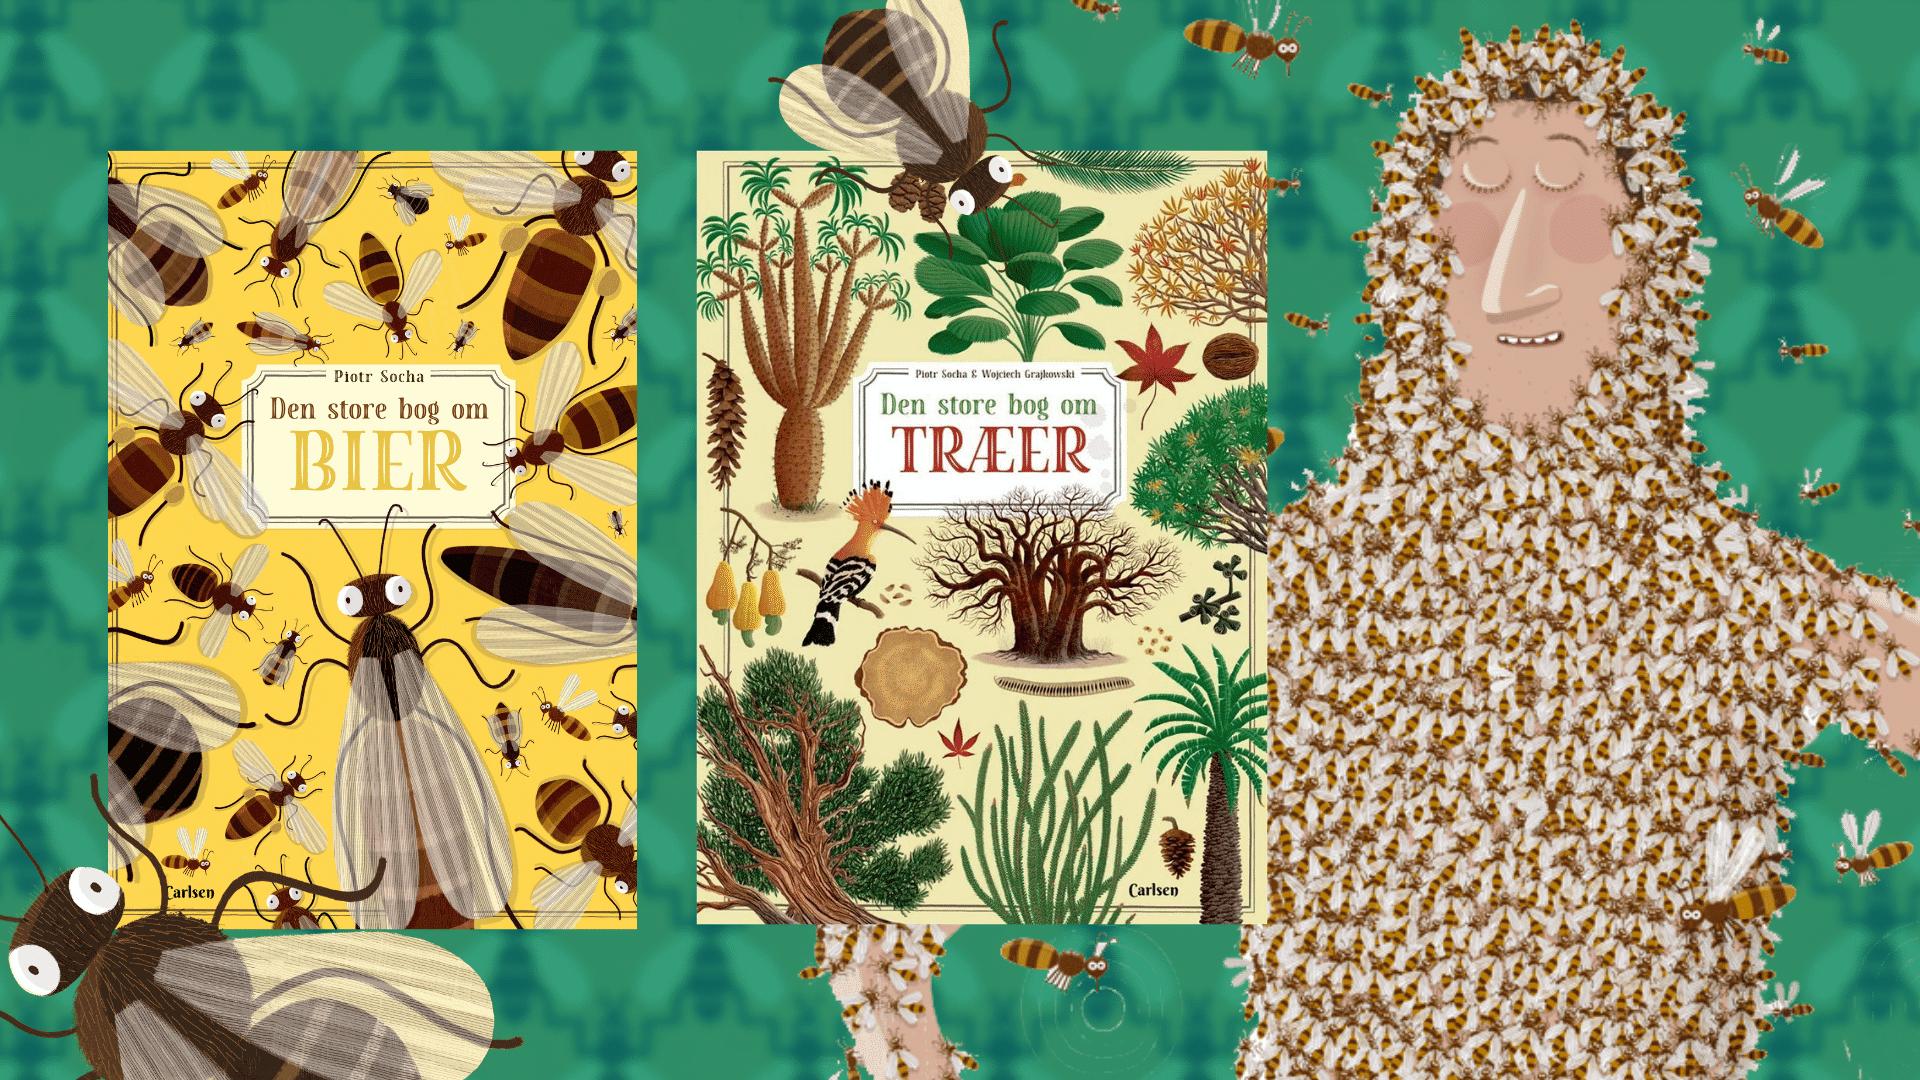 Den store bog om bier, Den store bog om træer